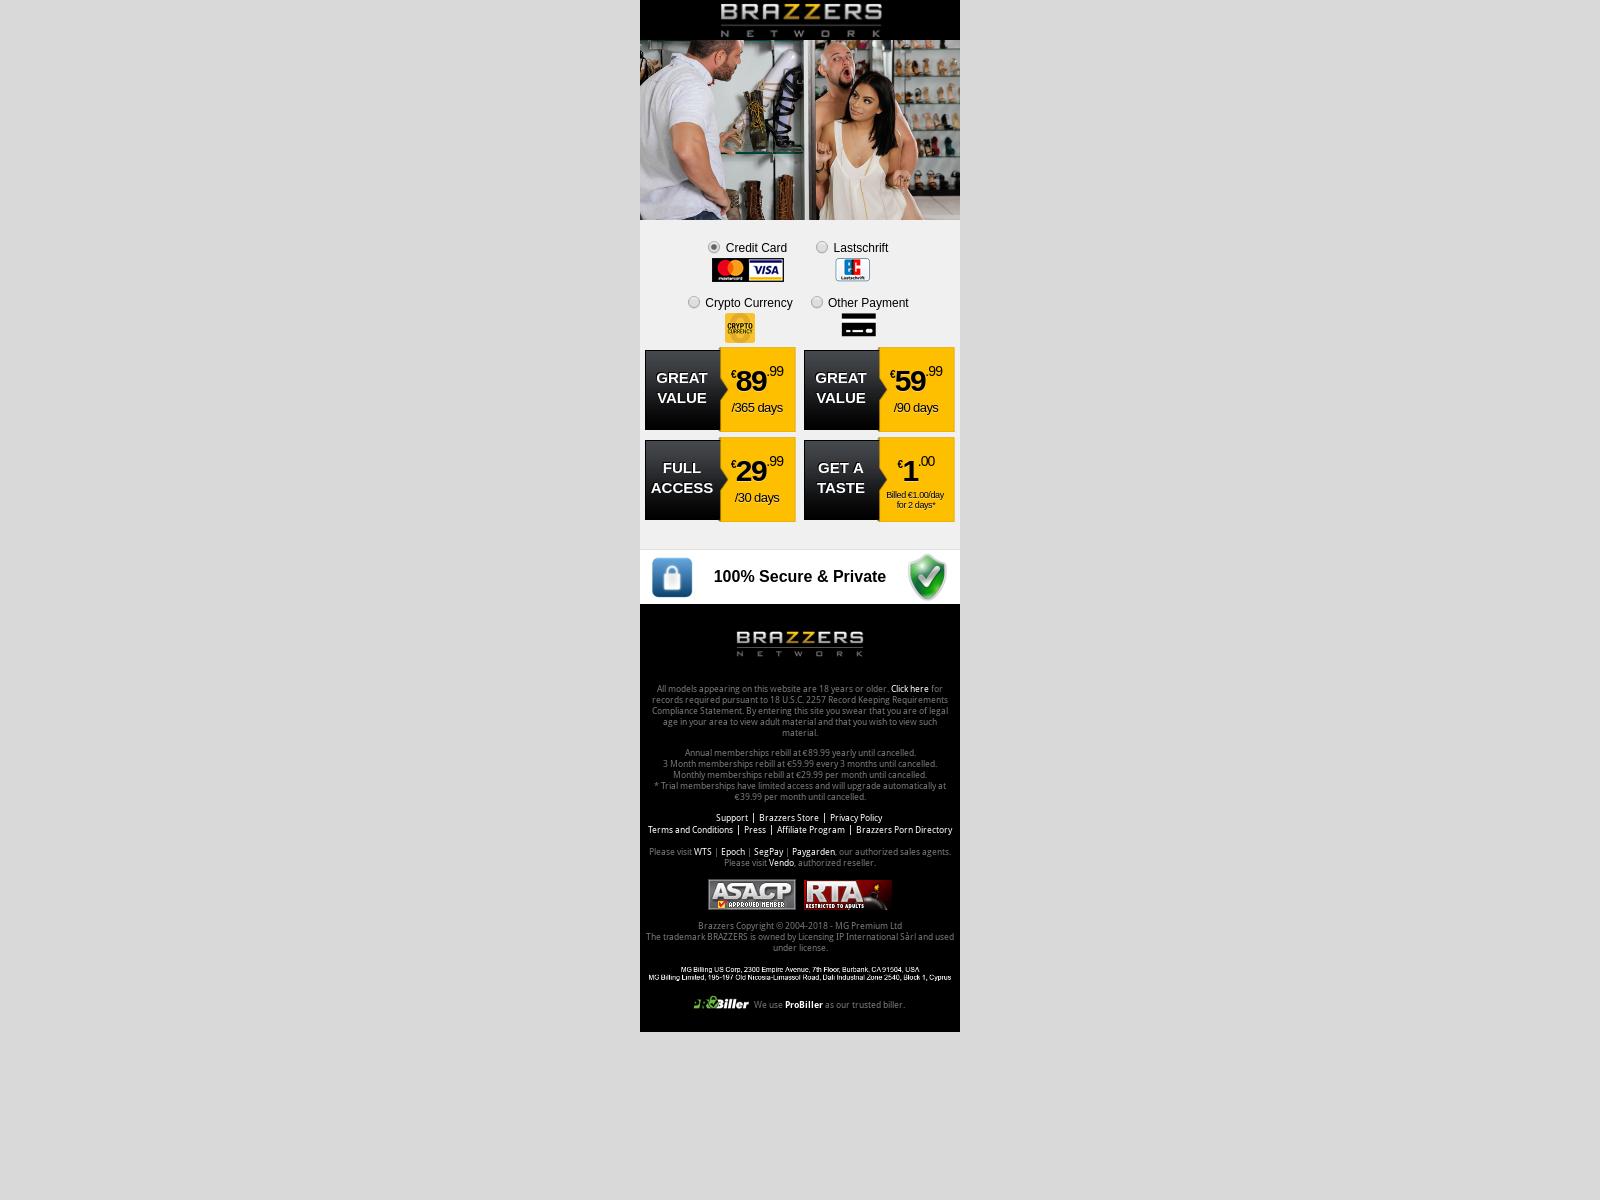 www.brazzersnetwork.com - urlscan.io